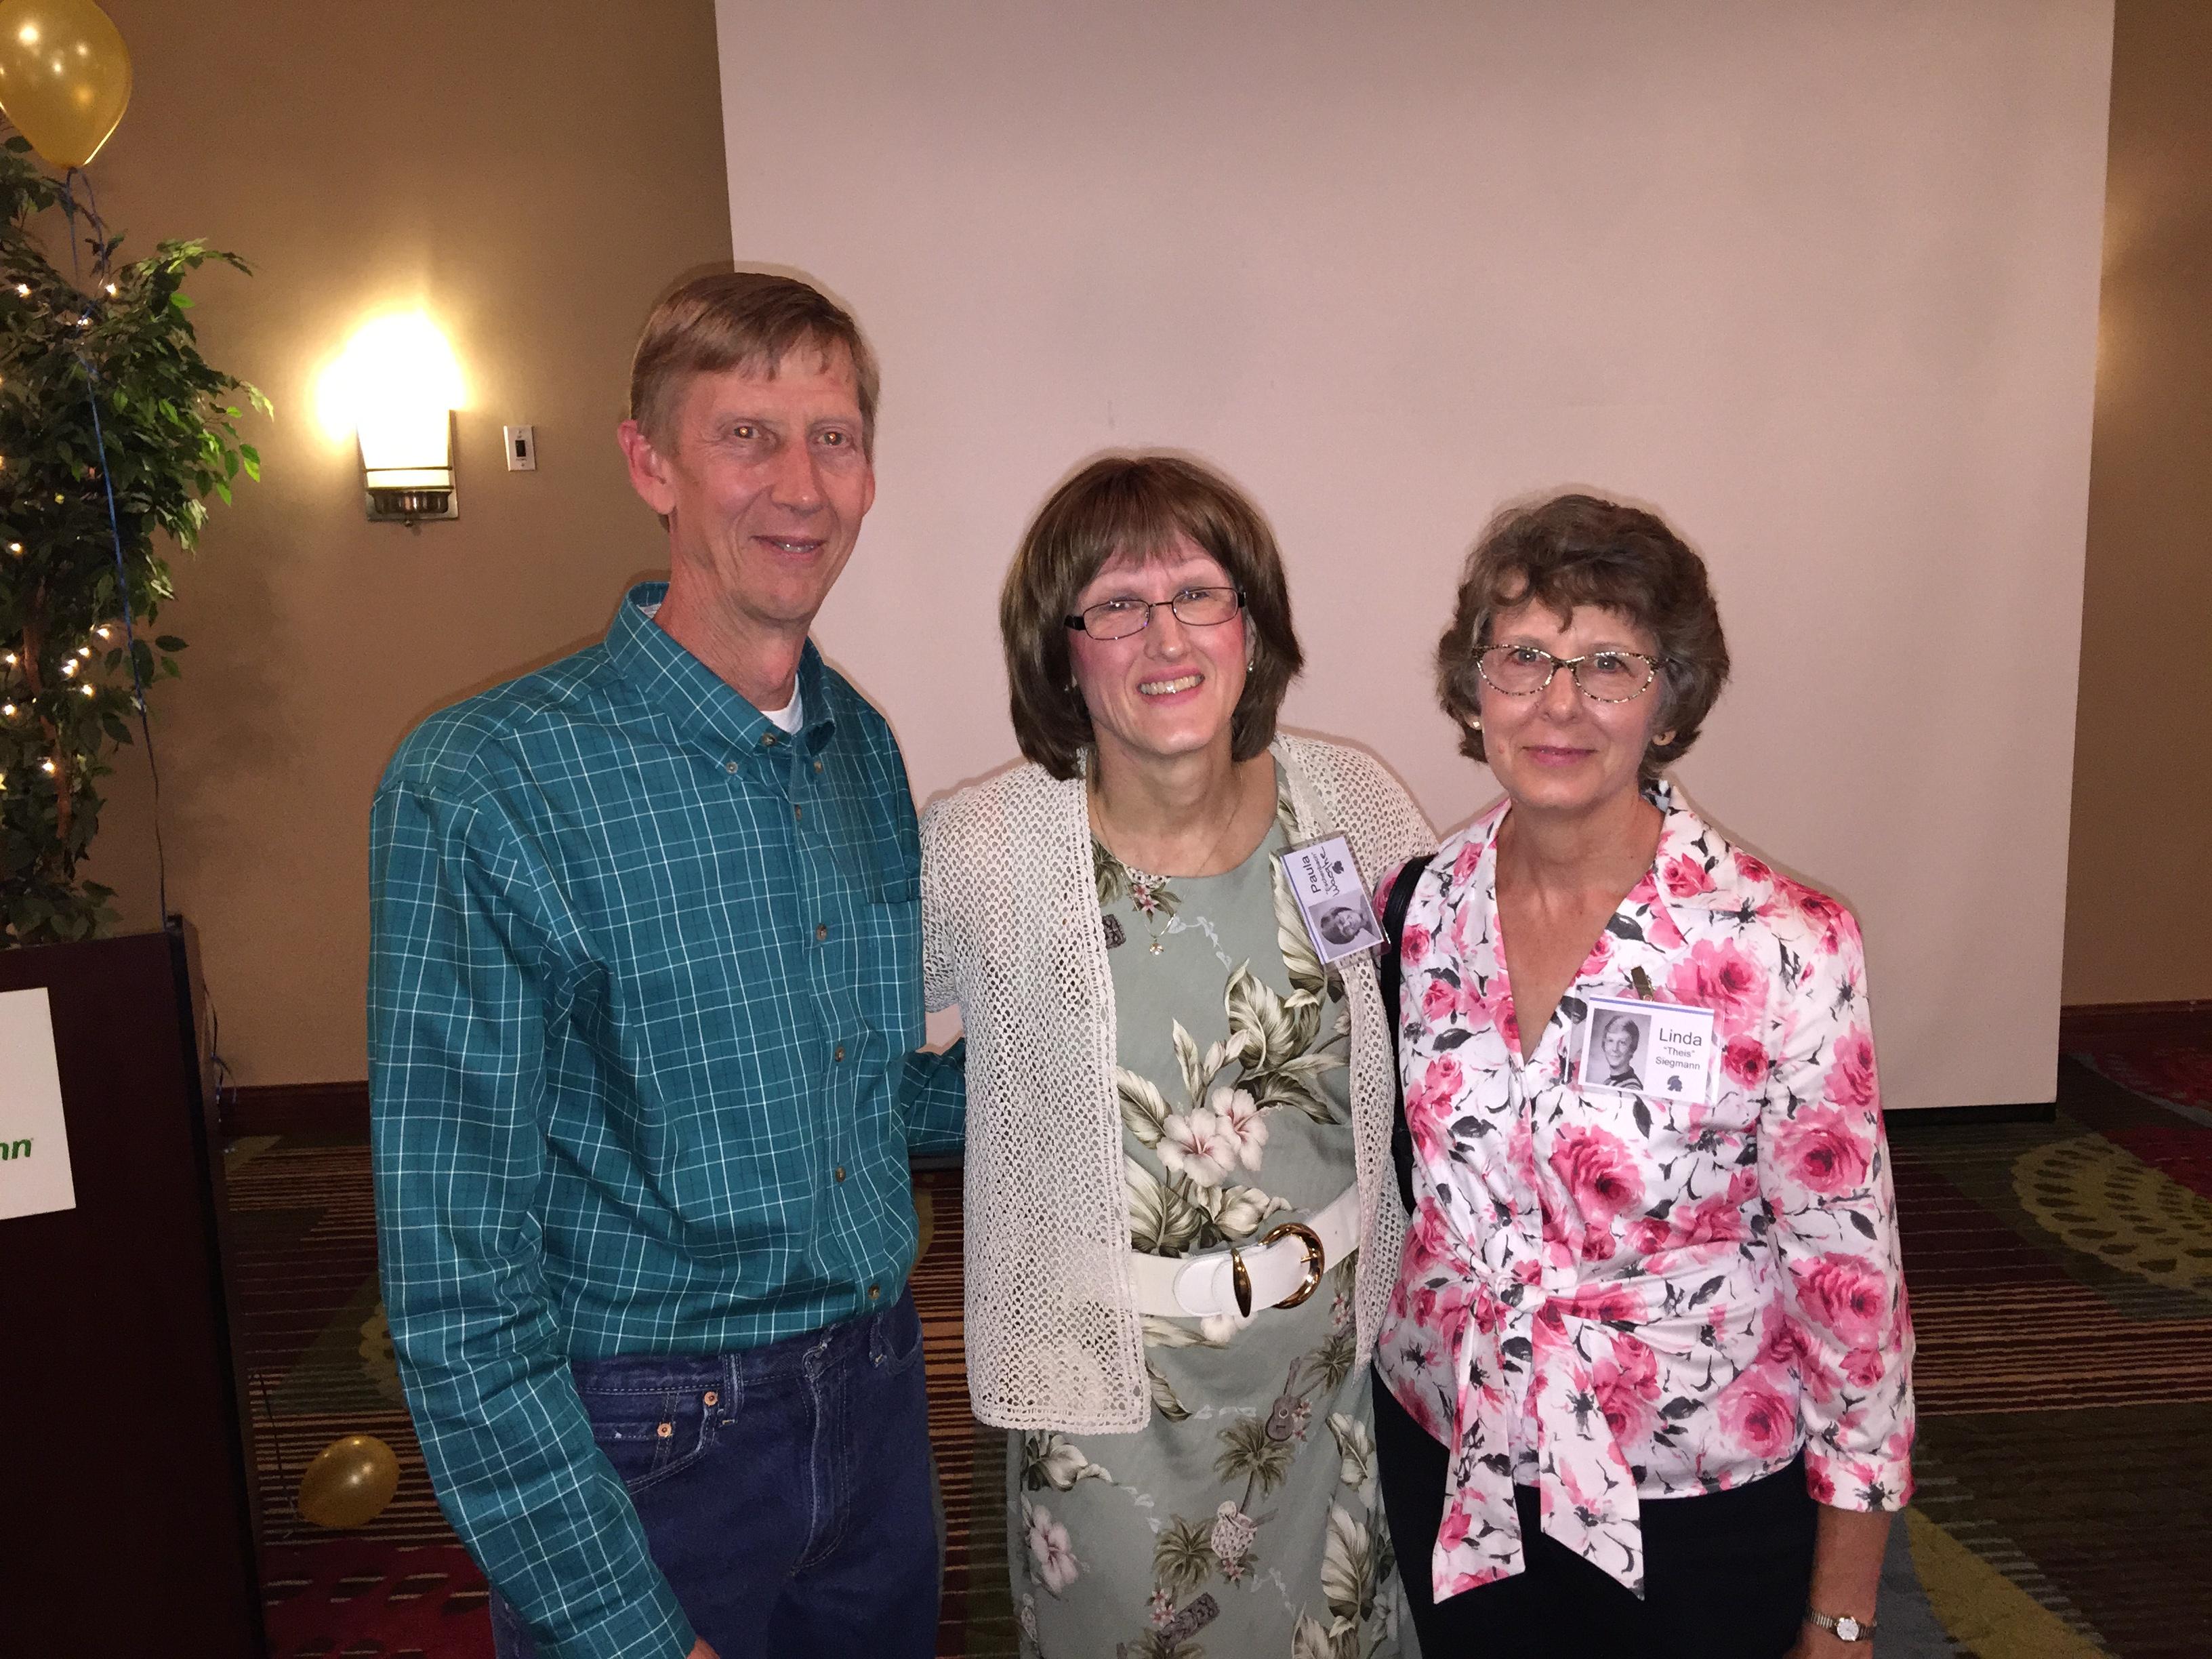 Dan Abraham, Paula Eschenbach, Linda Thies